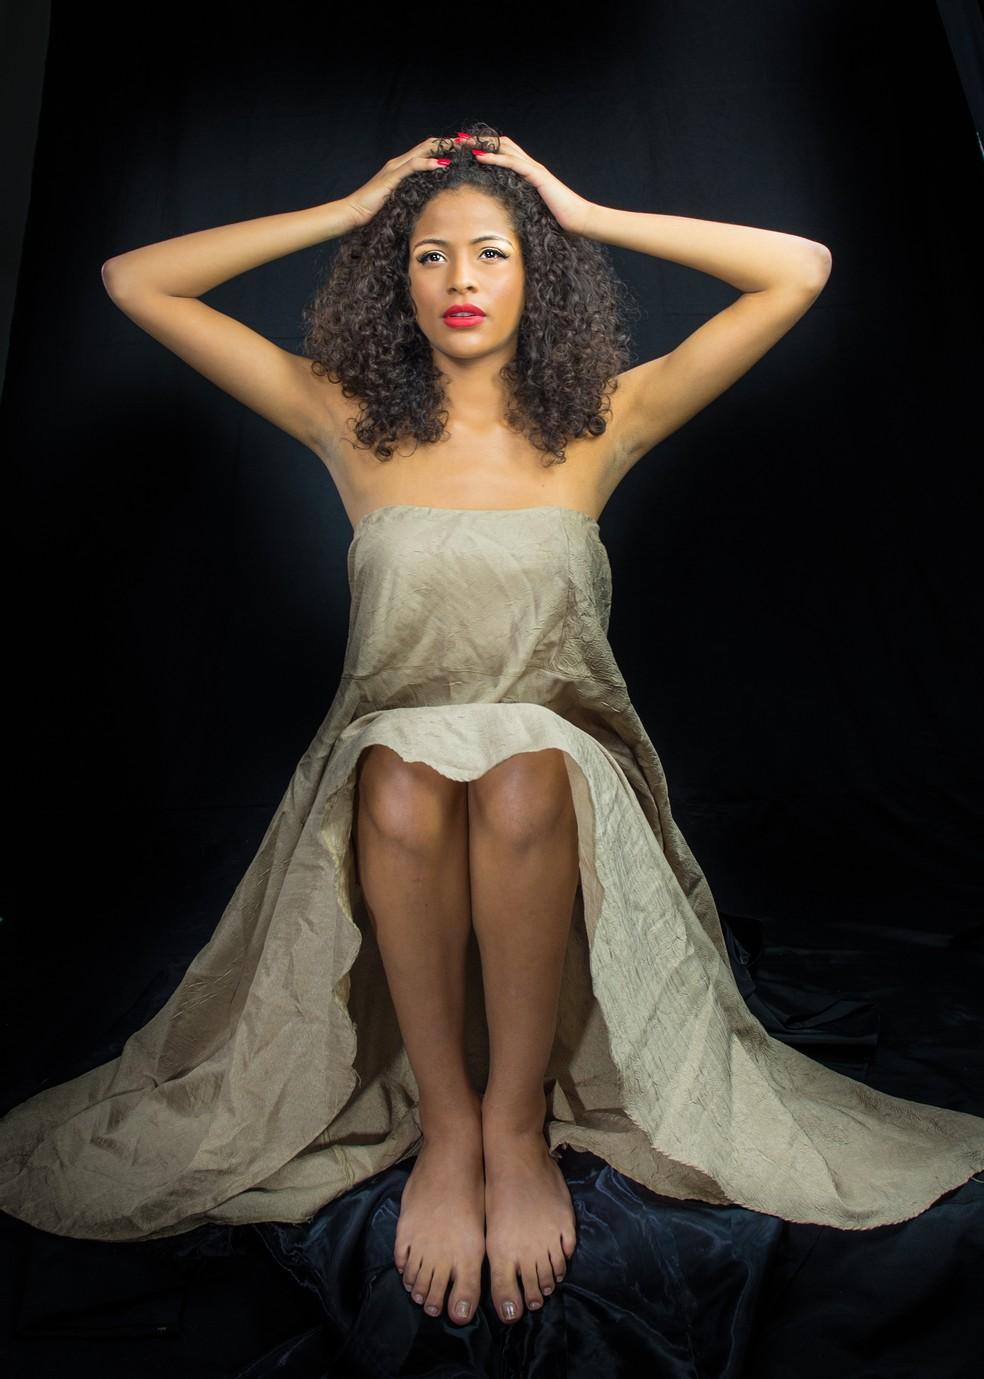 Exposição vai levar a beleza da mulher brasileira (Foto: Maristela Giassi)